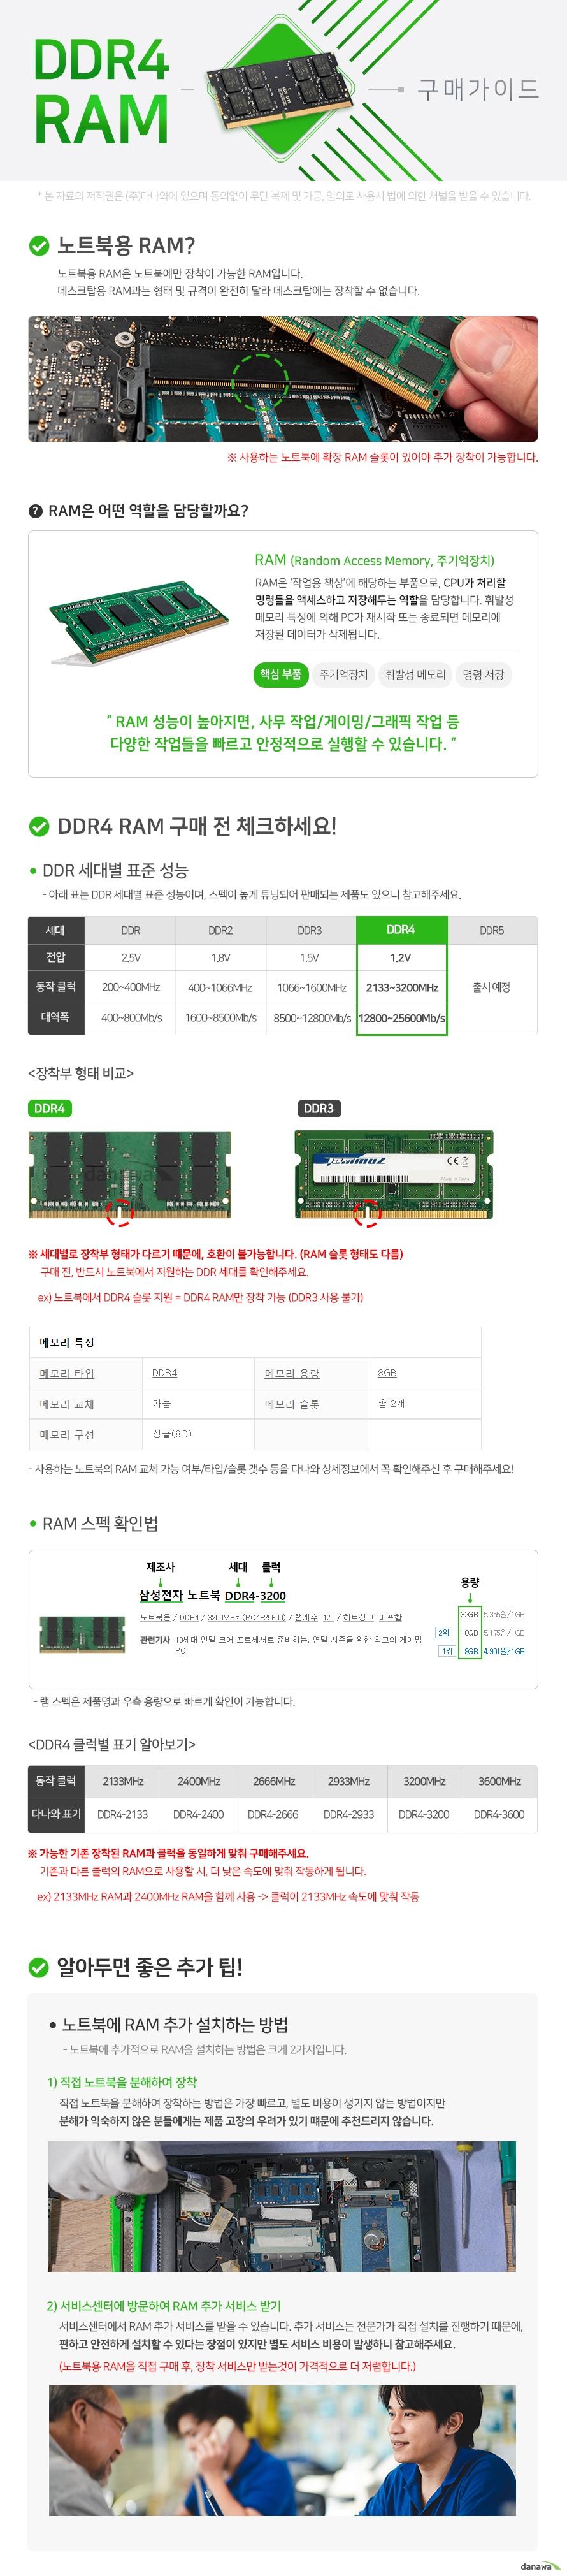 타무즈 노트북 DDR4-3200 CL22 (16GB)